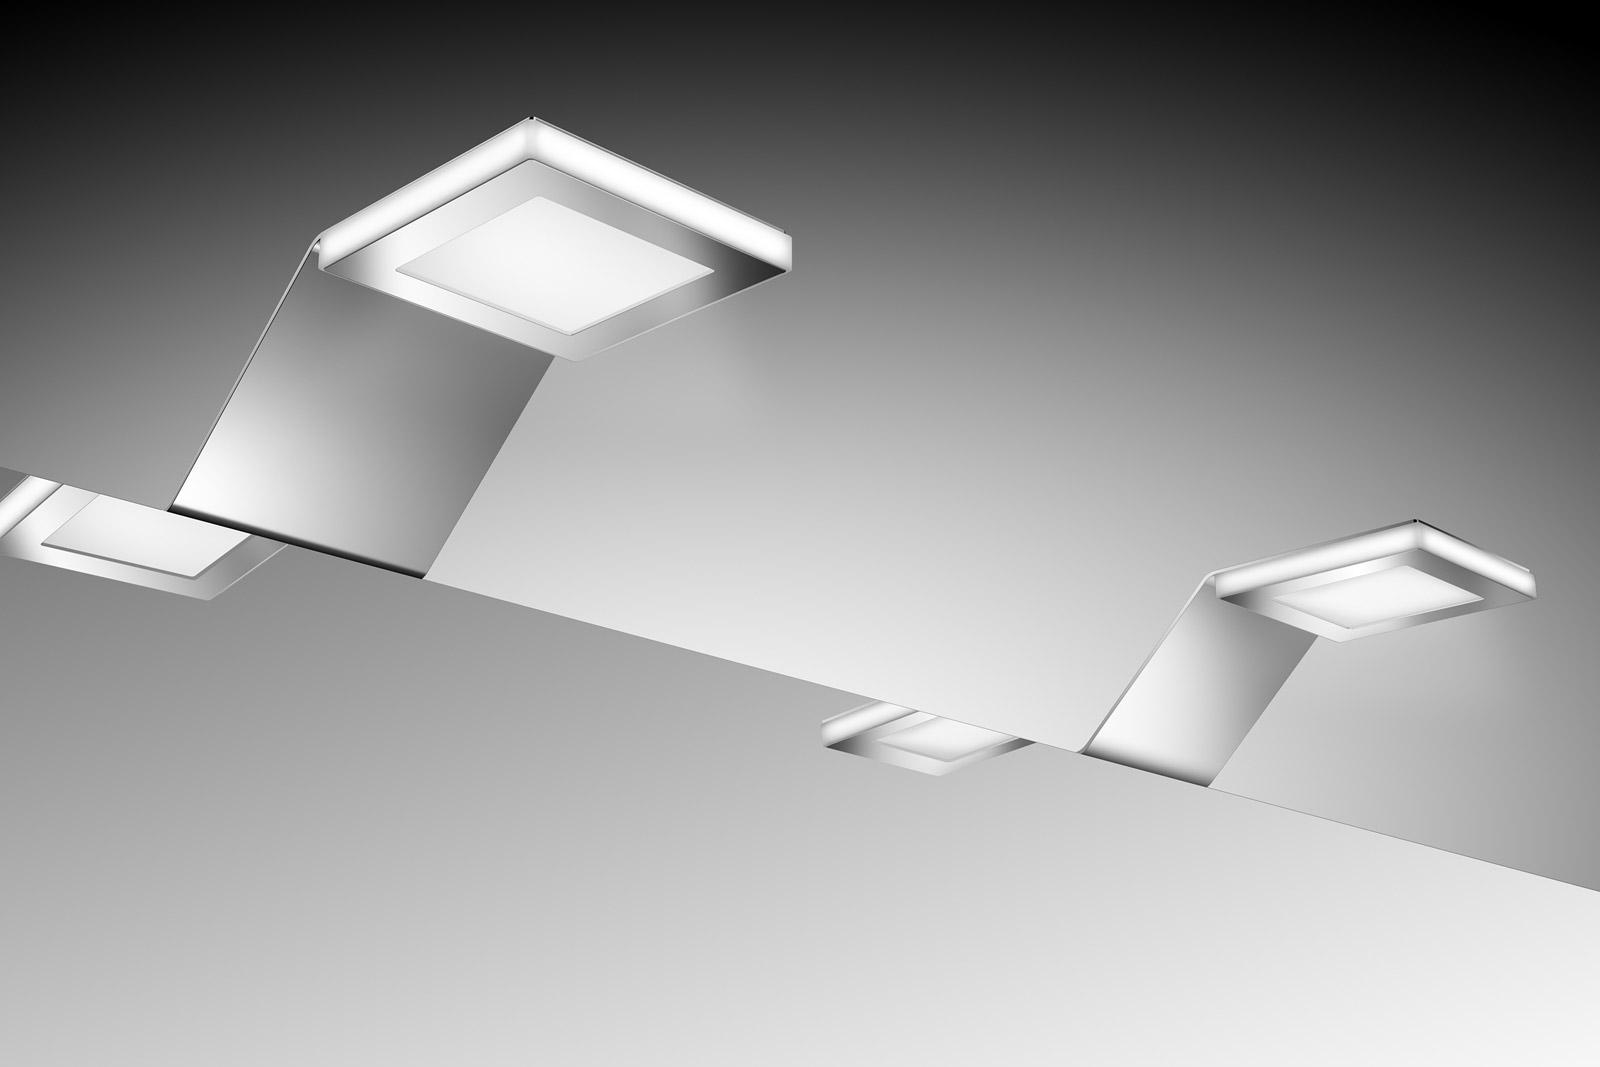 sam badezimmer spiegelschrank beleuchtung led 2er set demn chst. Black Bedroom Furniture Sets. Home Design Ideas